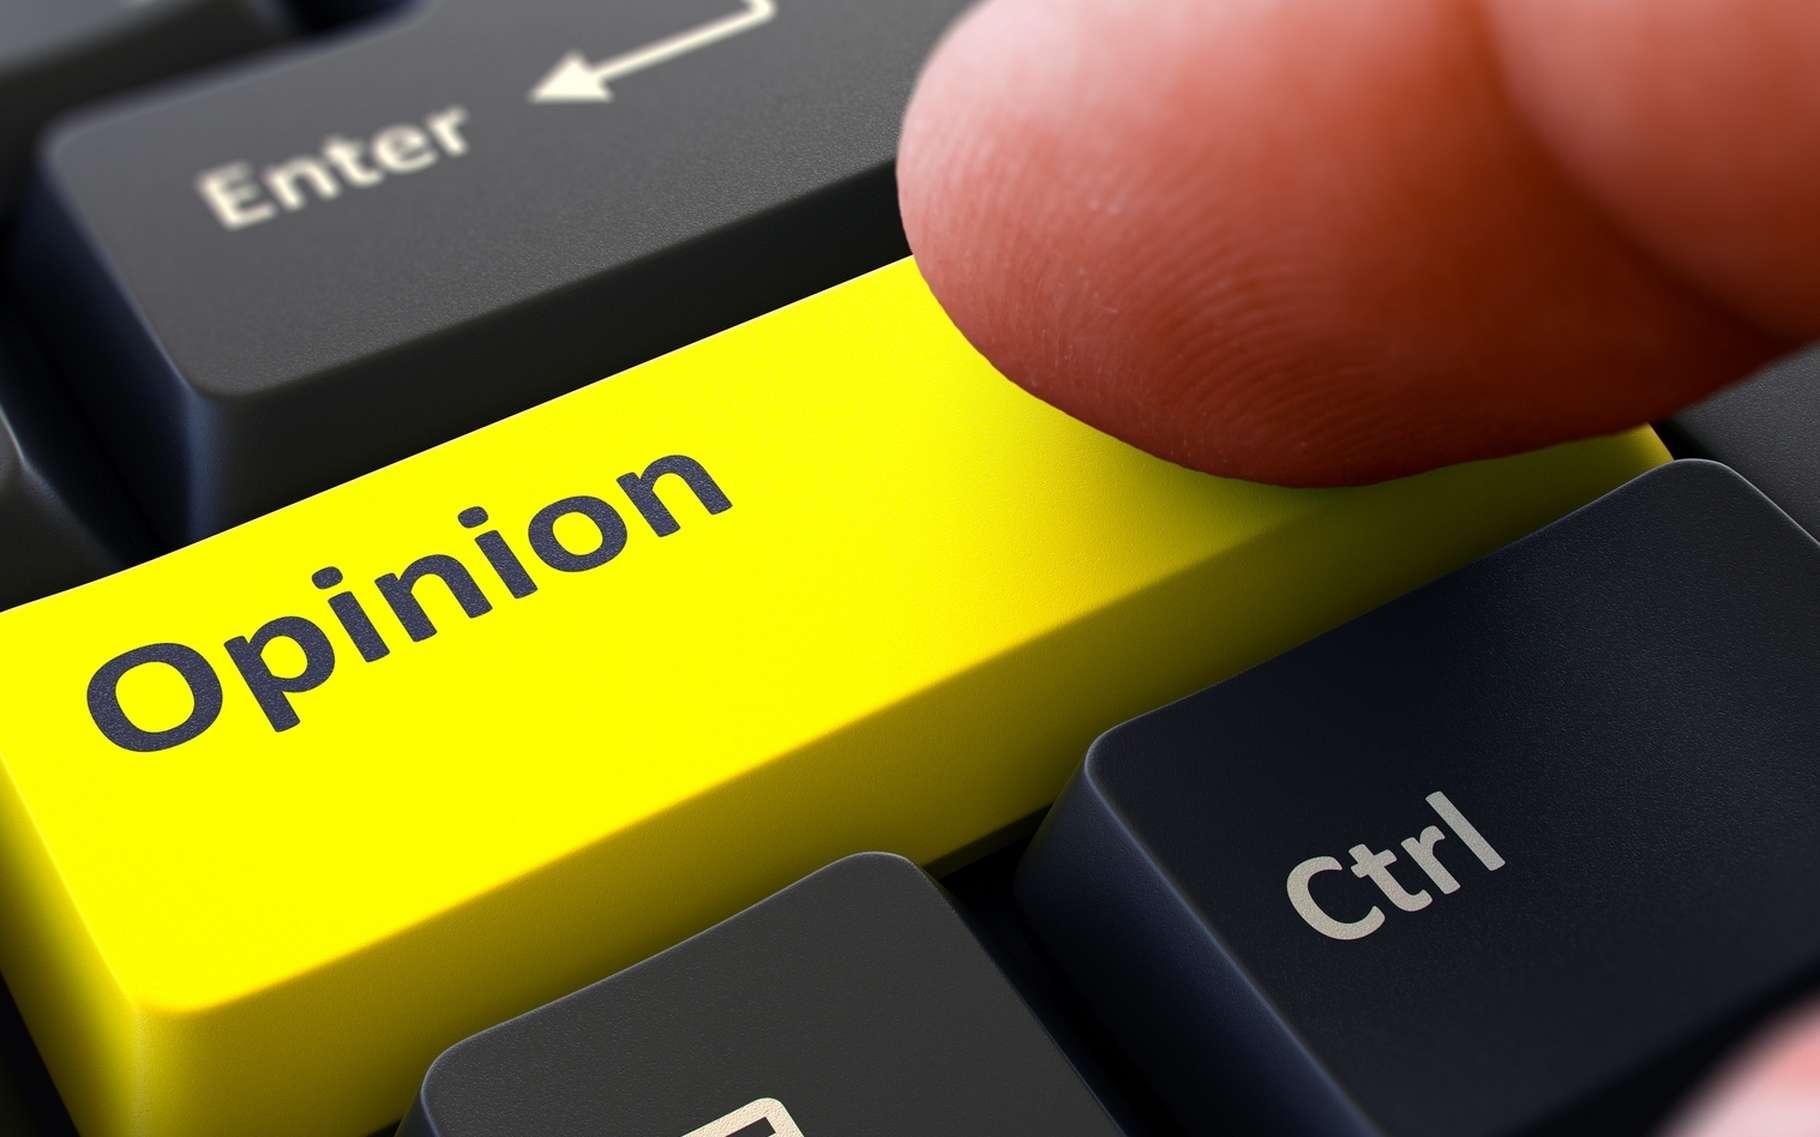 Créer un sondage sur Twitter se fait en quelques secondes. Une autre forme d'expression qui permet d'échanger de façon originale sur des sujets sérieux ou plus légers. © Tashatuvango, Shutterstock